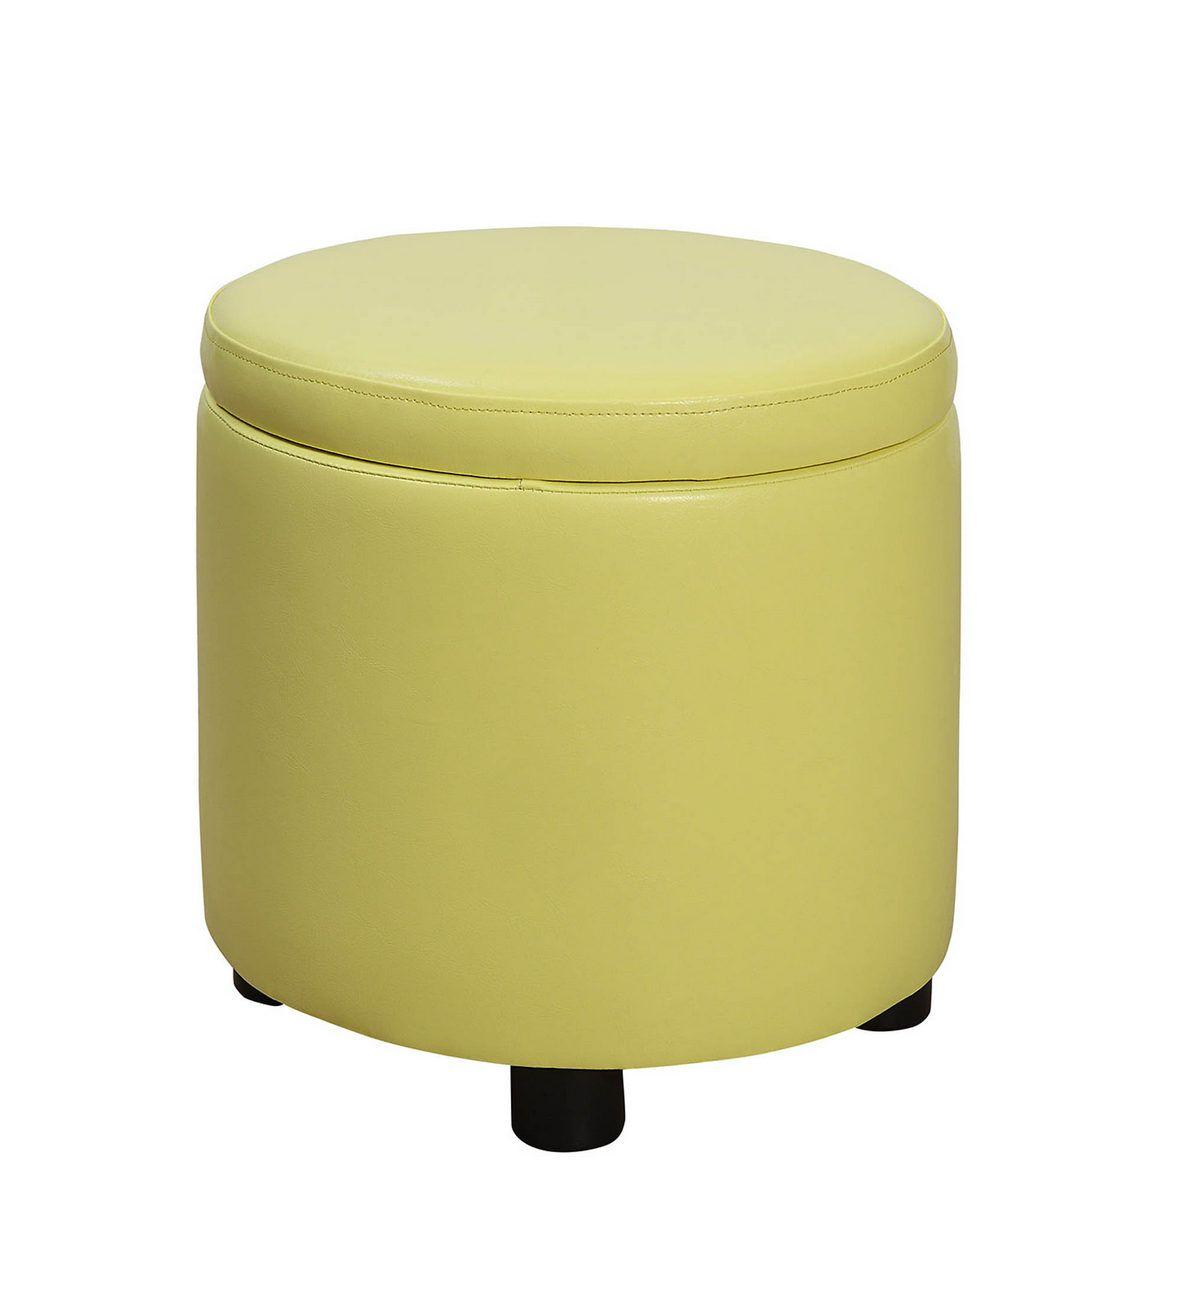 Designs4comfort Round Accent Storage Ottoman In Yellow